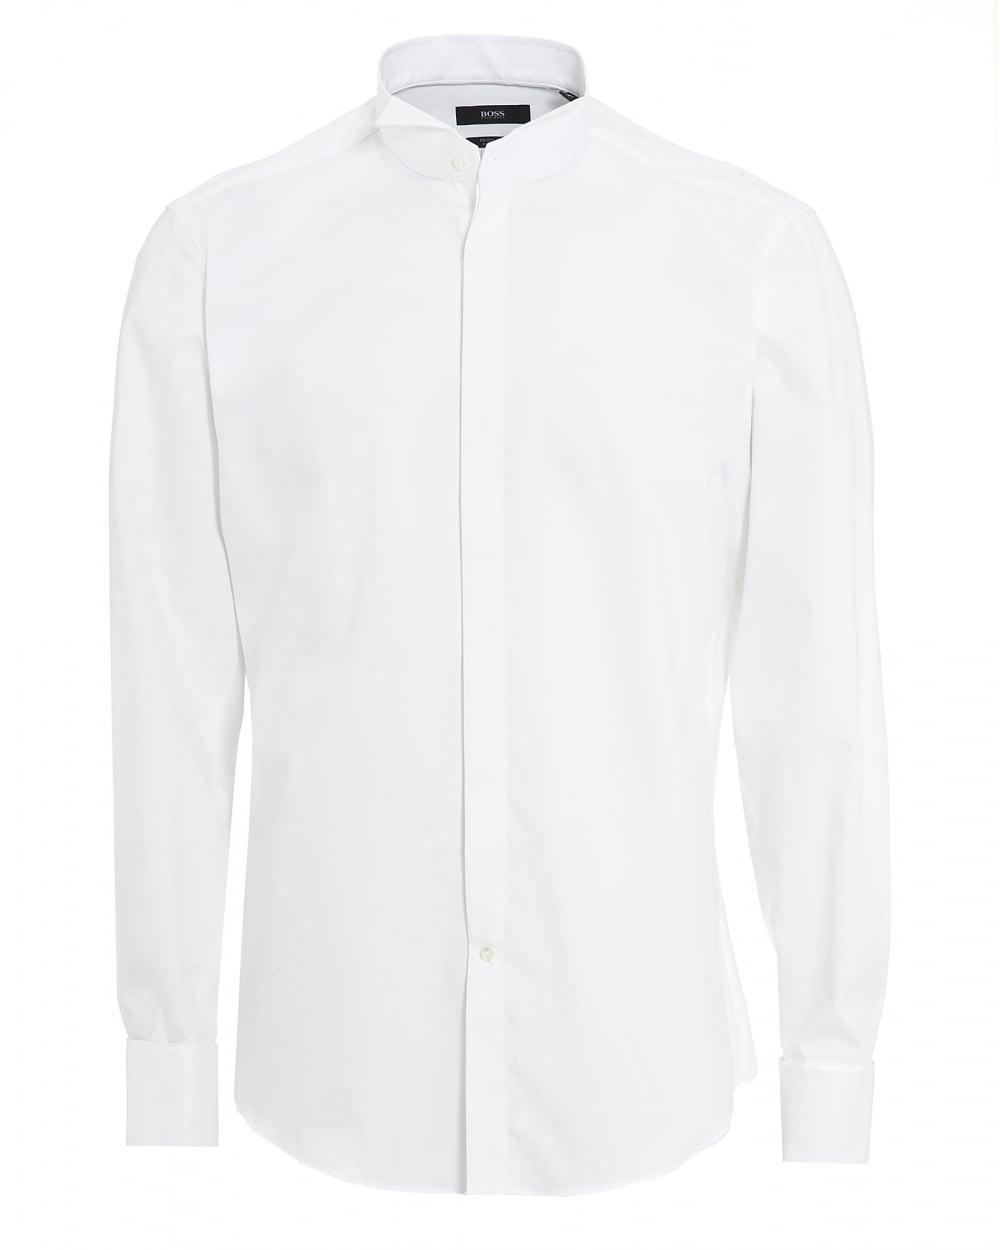 63e736ed878 Hugo Boss Mens Gewen Regular Fit White Dress Shirt